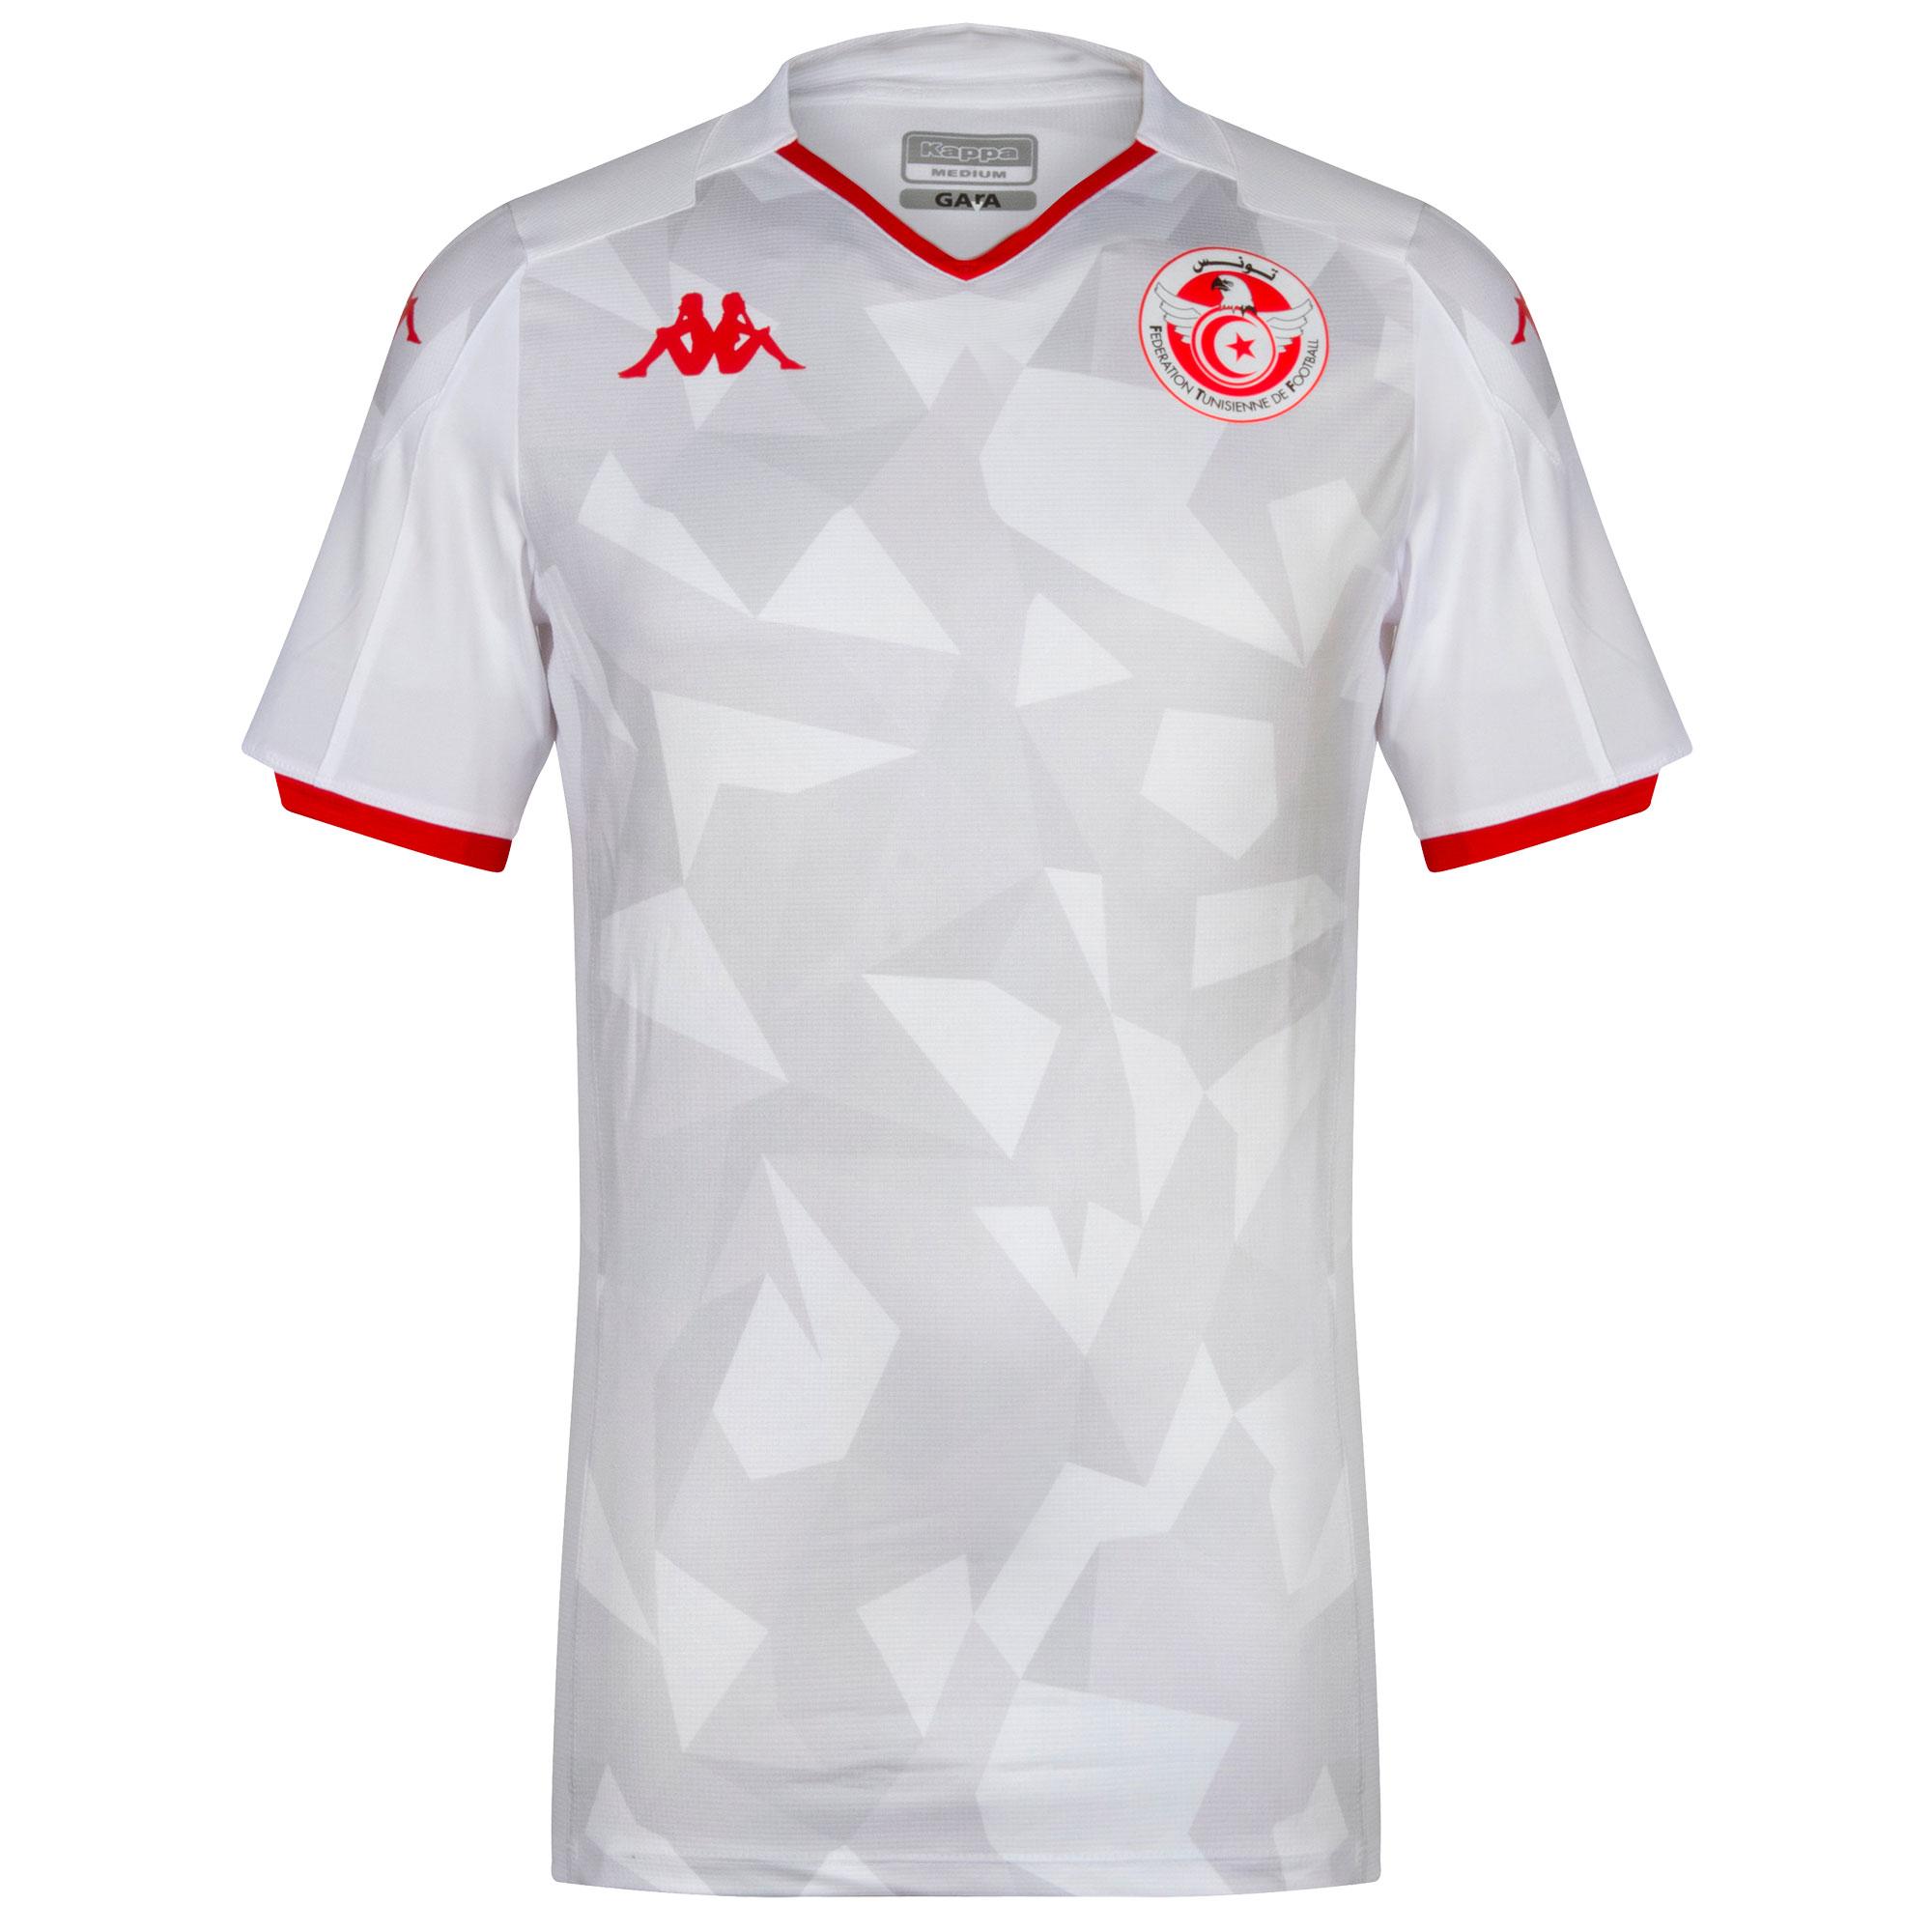 Kappa Tunisia Home Shirt (Kombat Pro - SkinFit) 2019-2020